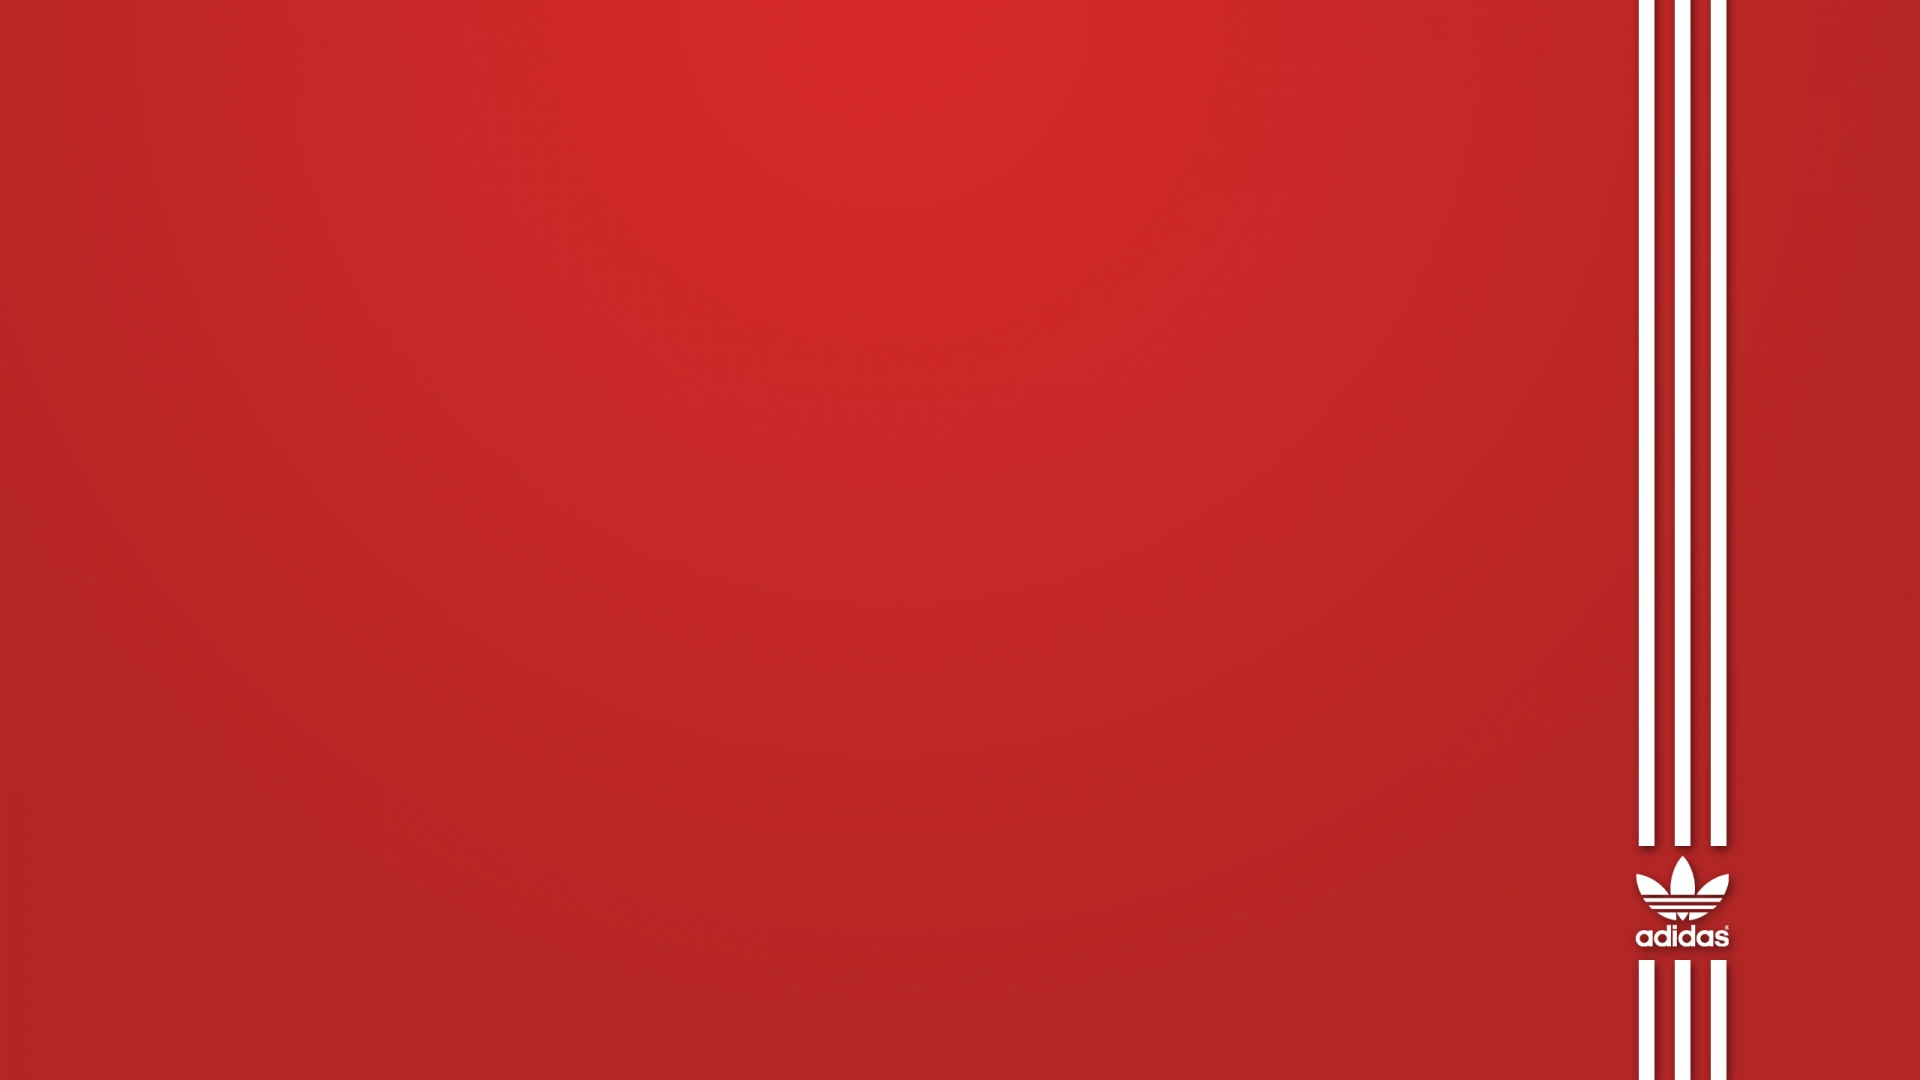 hd hintergrundbilder adidas logo streifen muster rot weiß 1920x1080